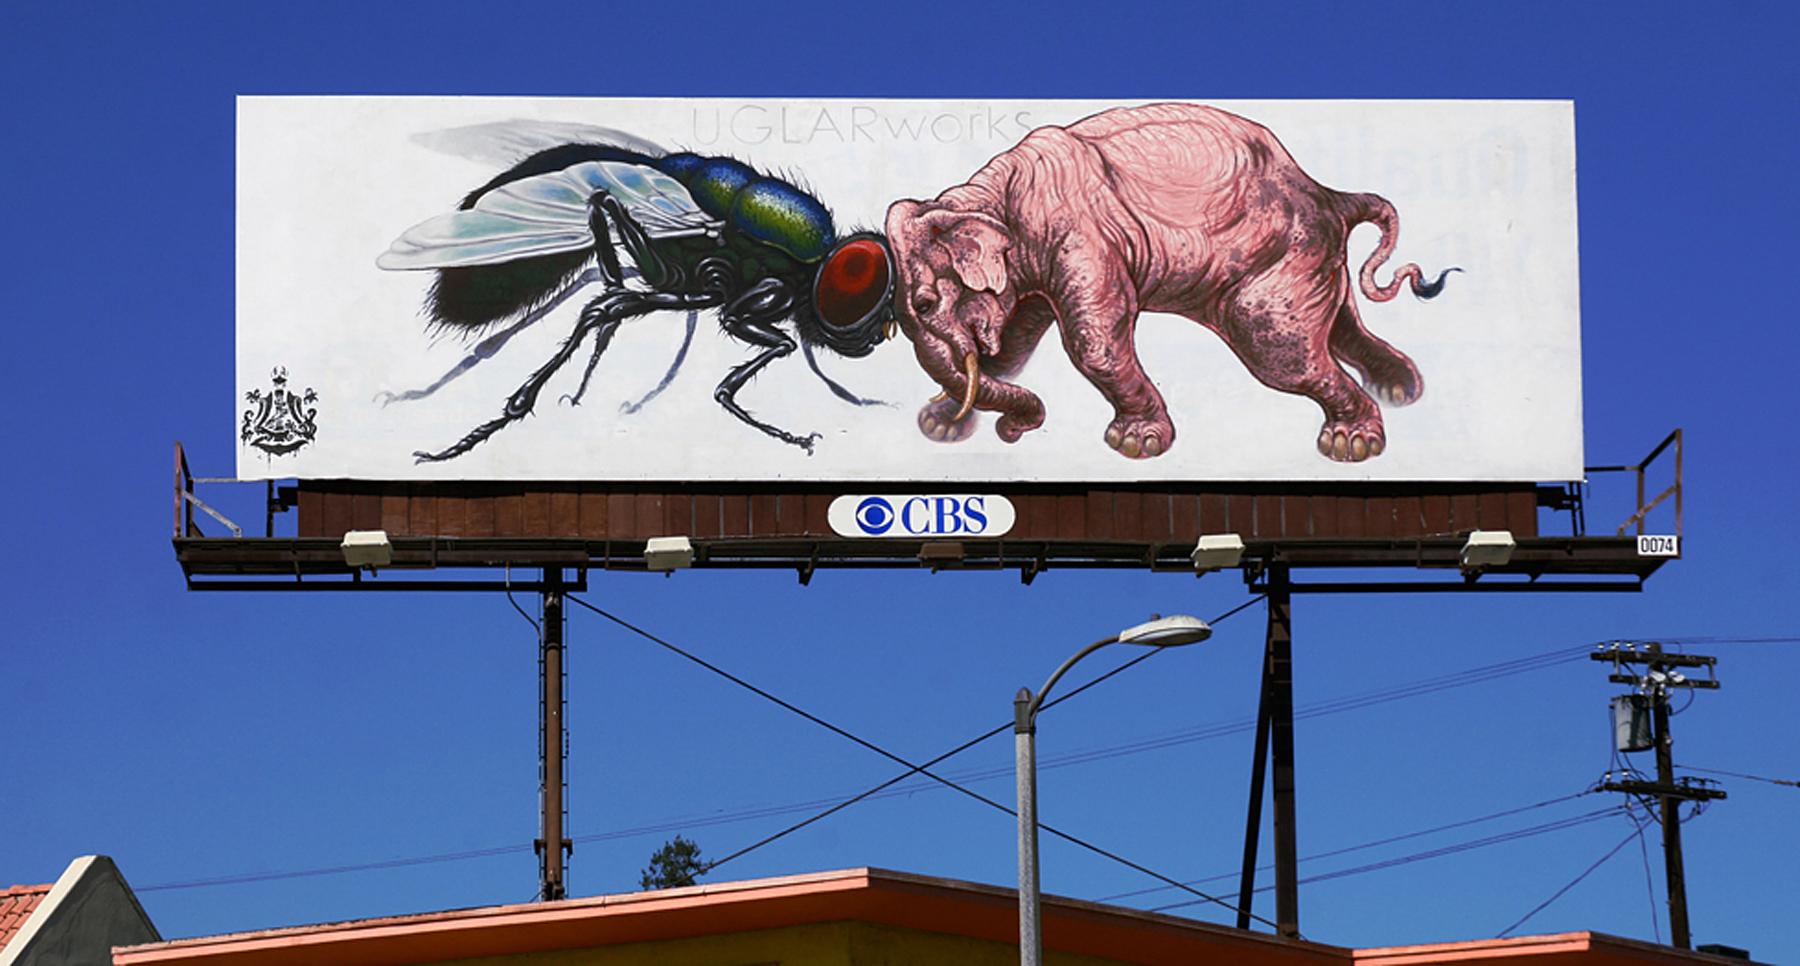 Christopher Brand, Evan Skrederstu, Steve Martinez.  Immovable: #PublicWorks Billboard Project. 2012.